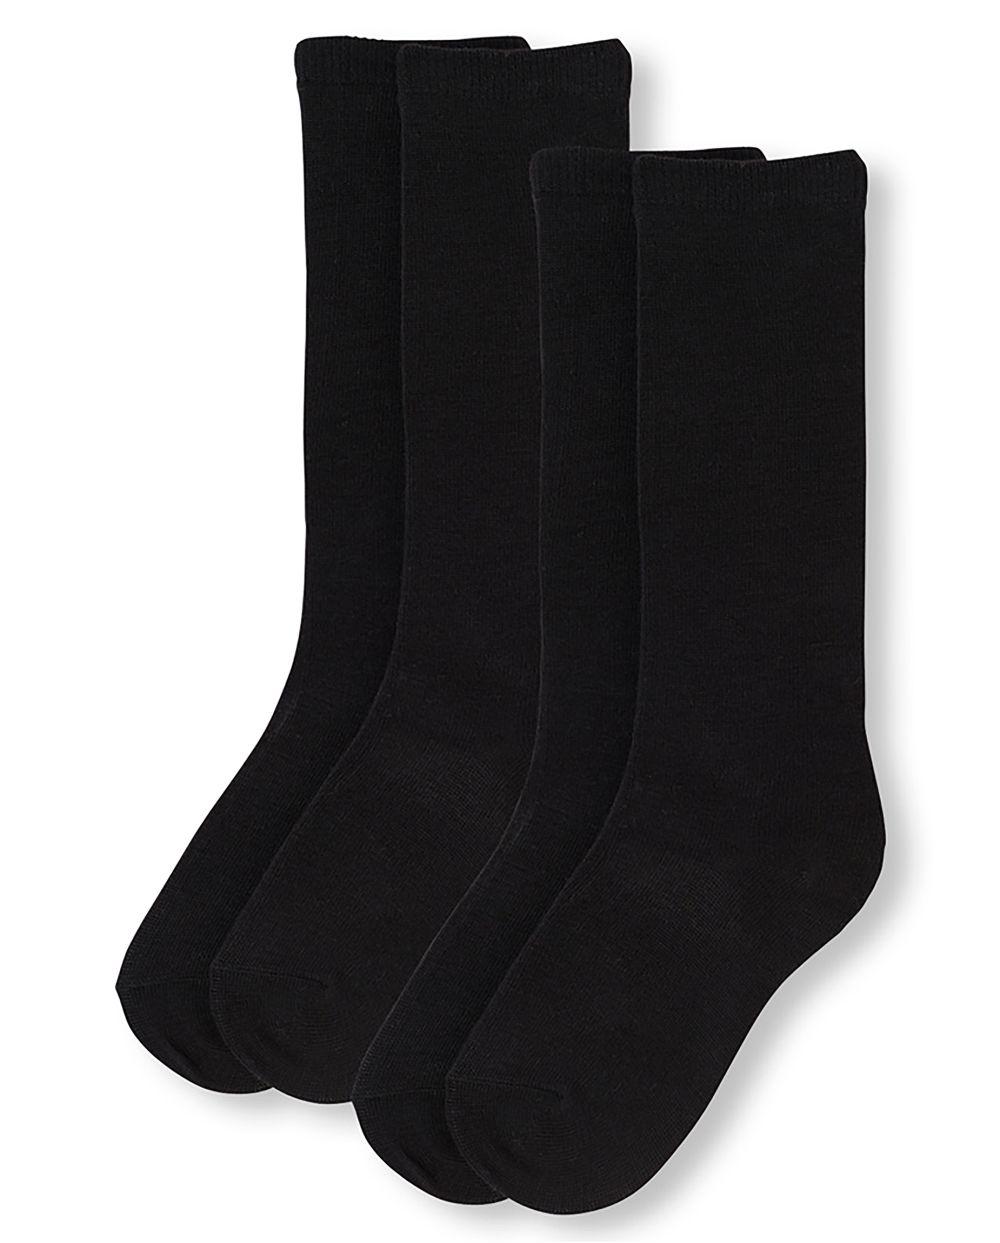 Girls Uniform Knee Socks 2-Pack